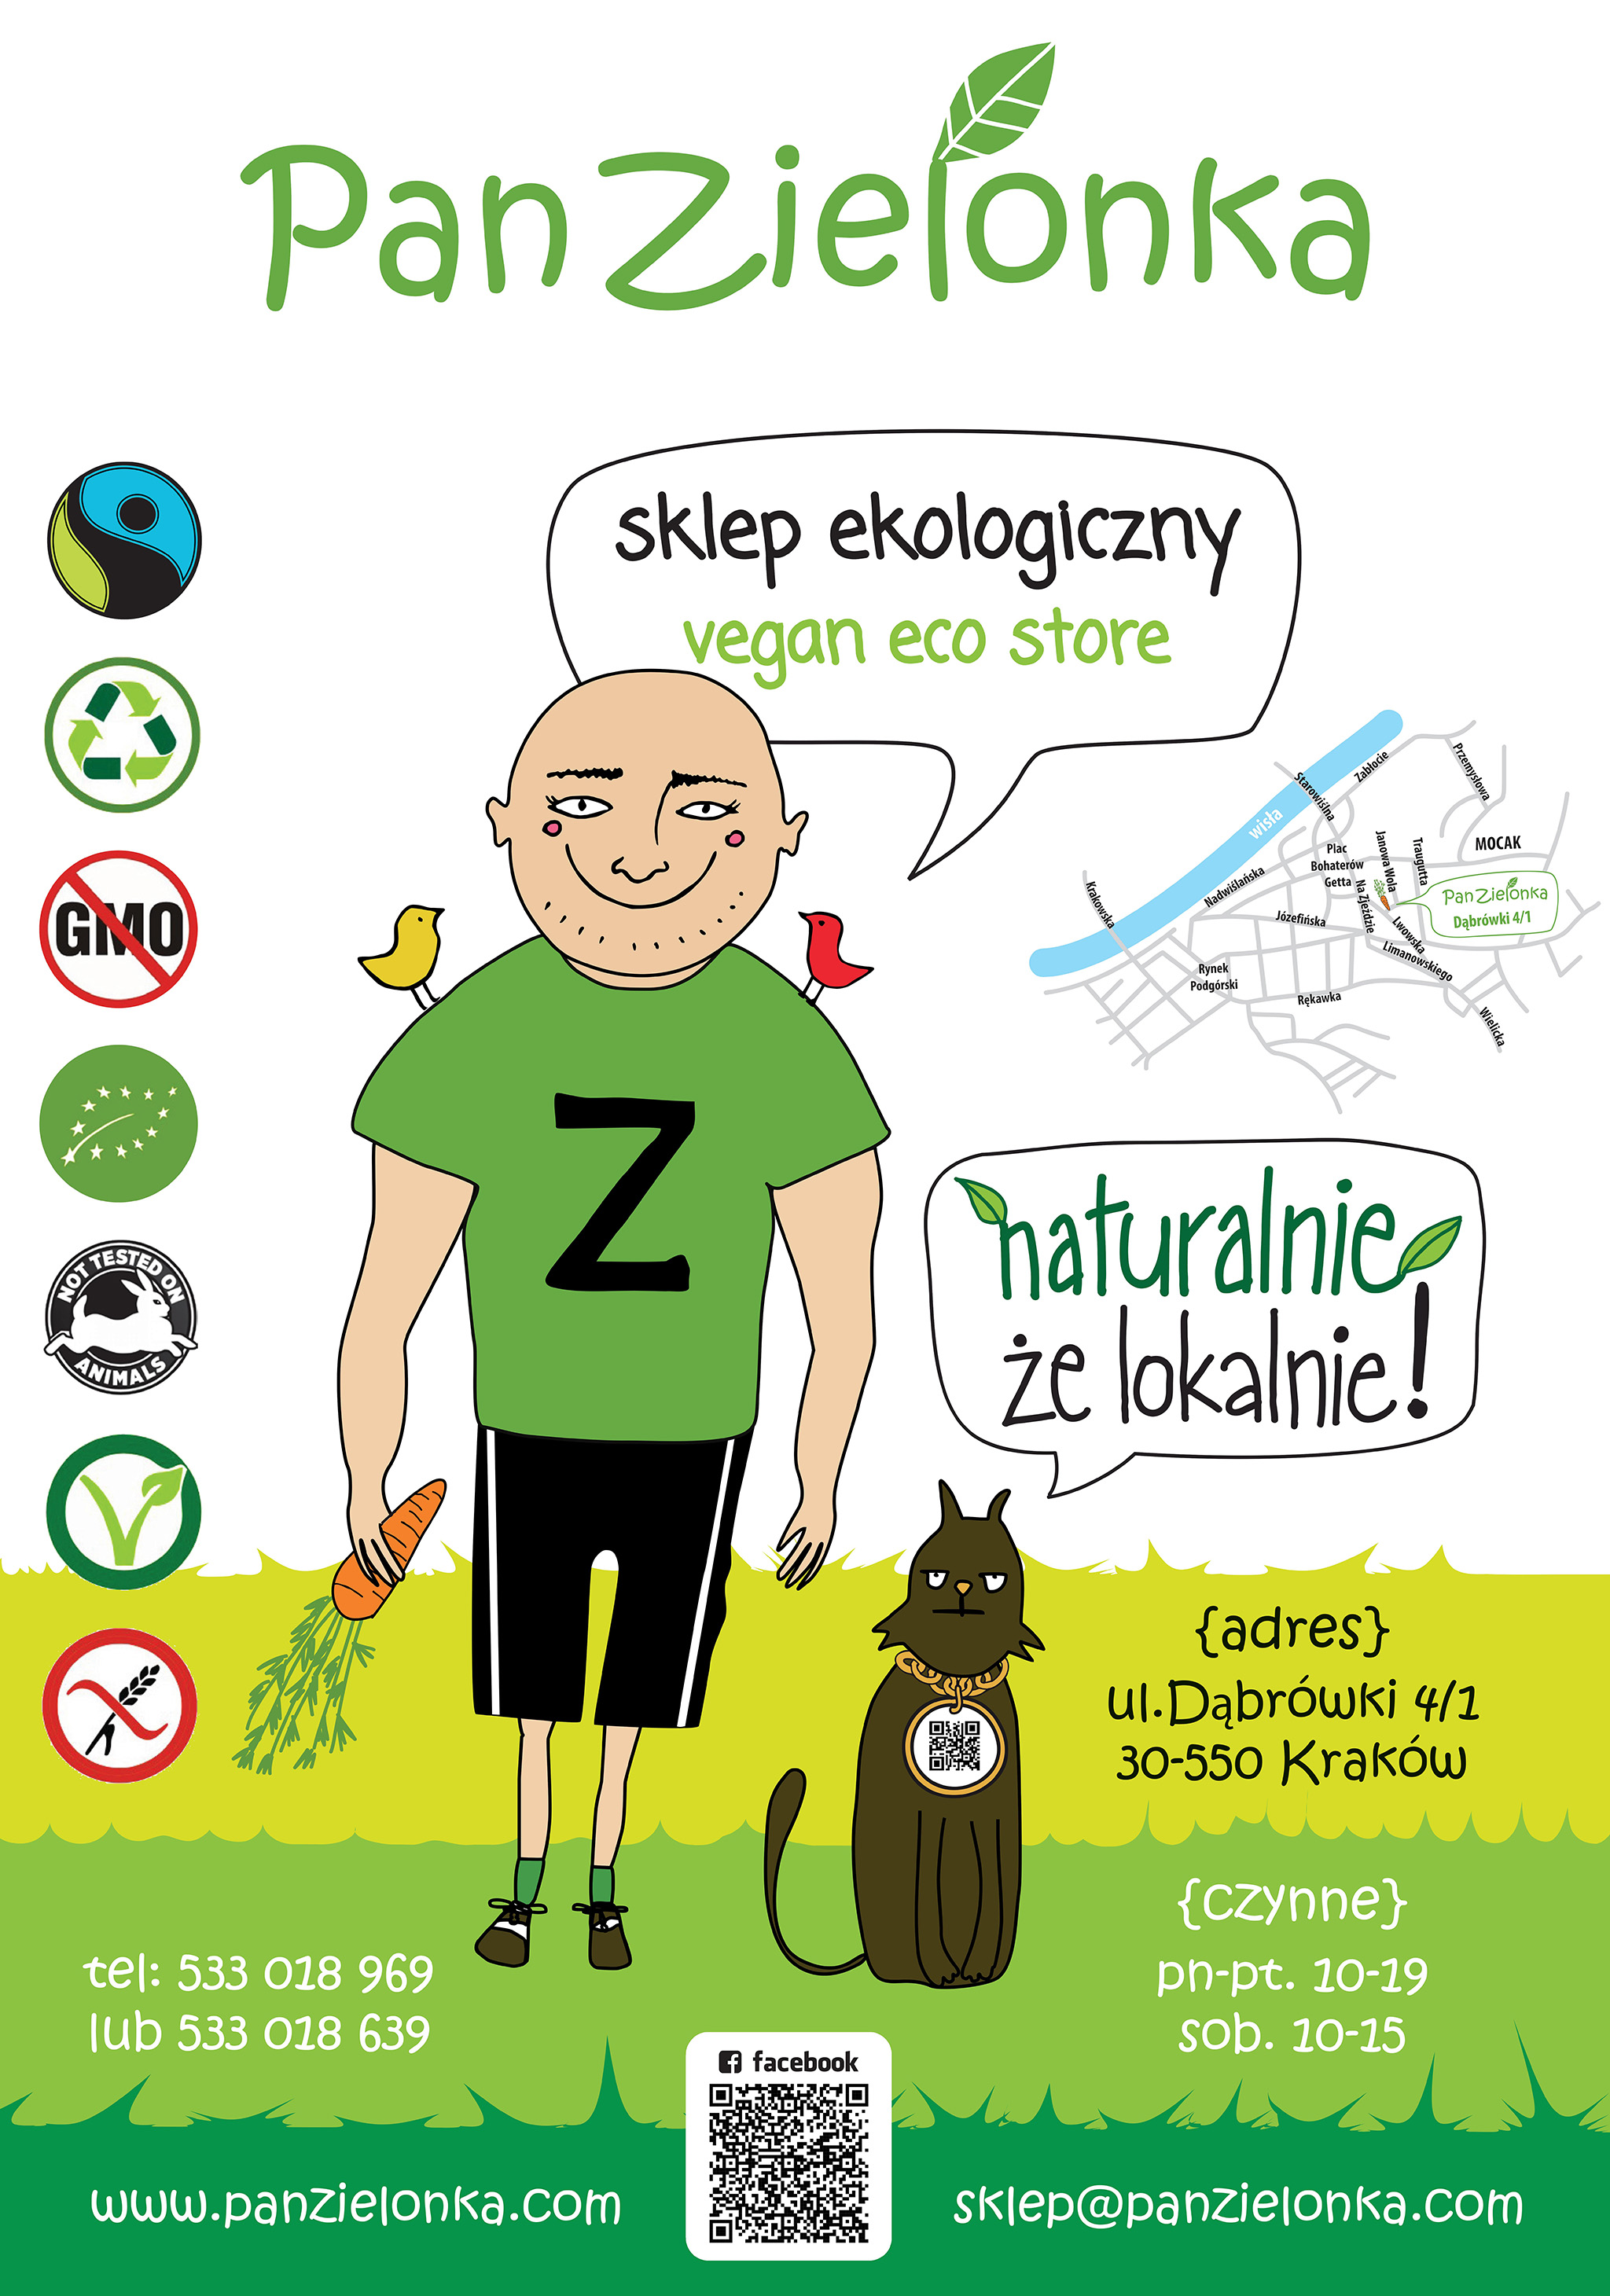 PanZielonka plakat2015 2048